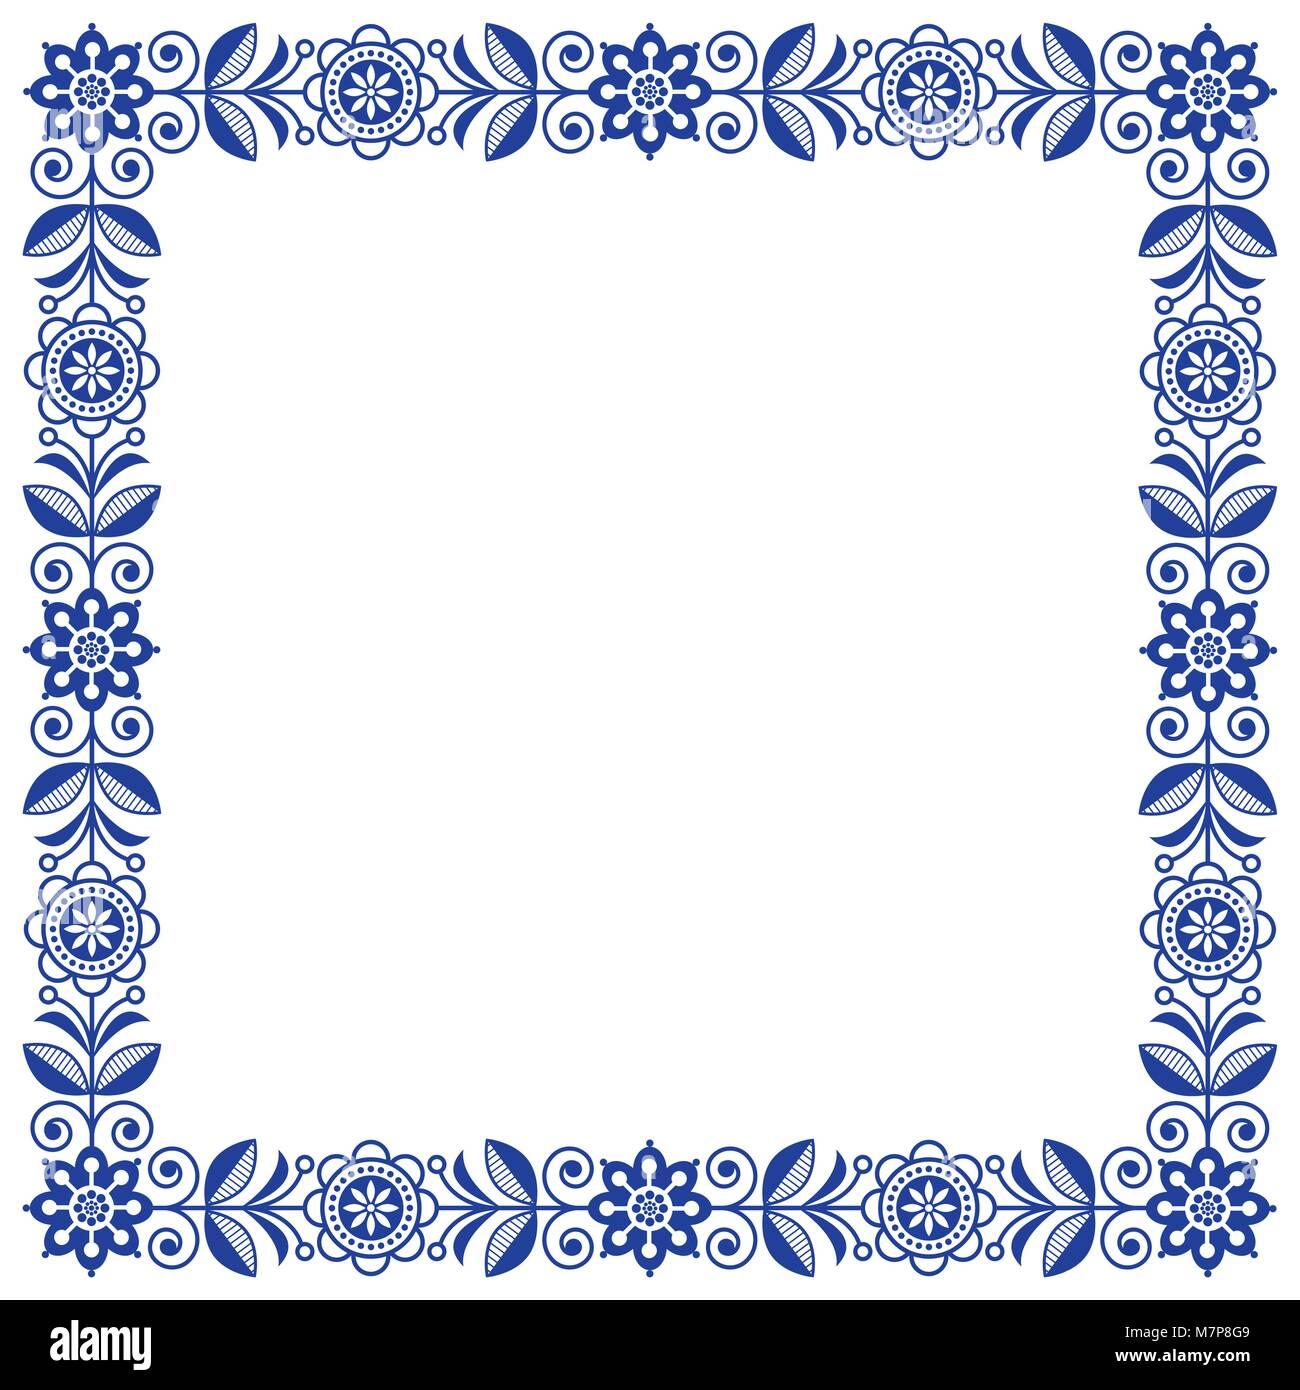 Skandinavische Volkskunst vektor Rahmen, florale Süße, quadratischen ...